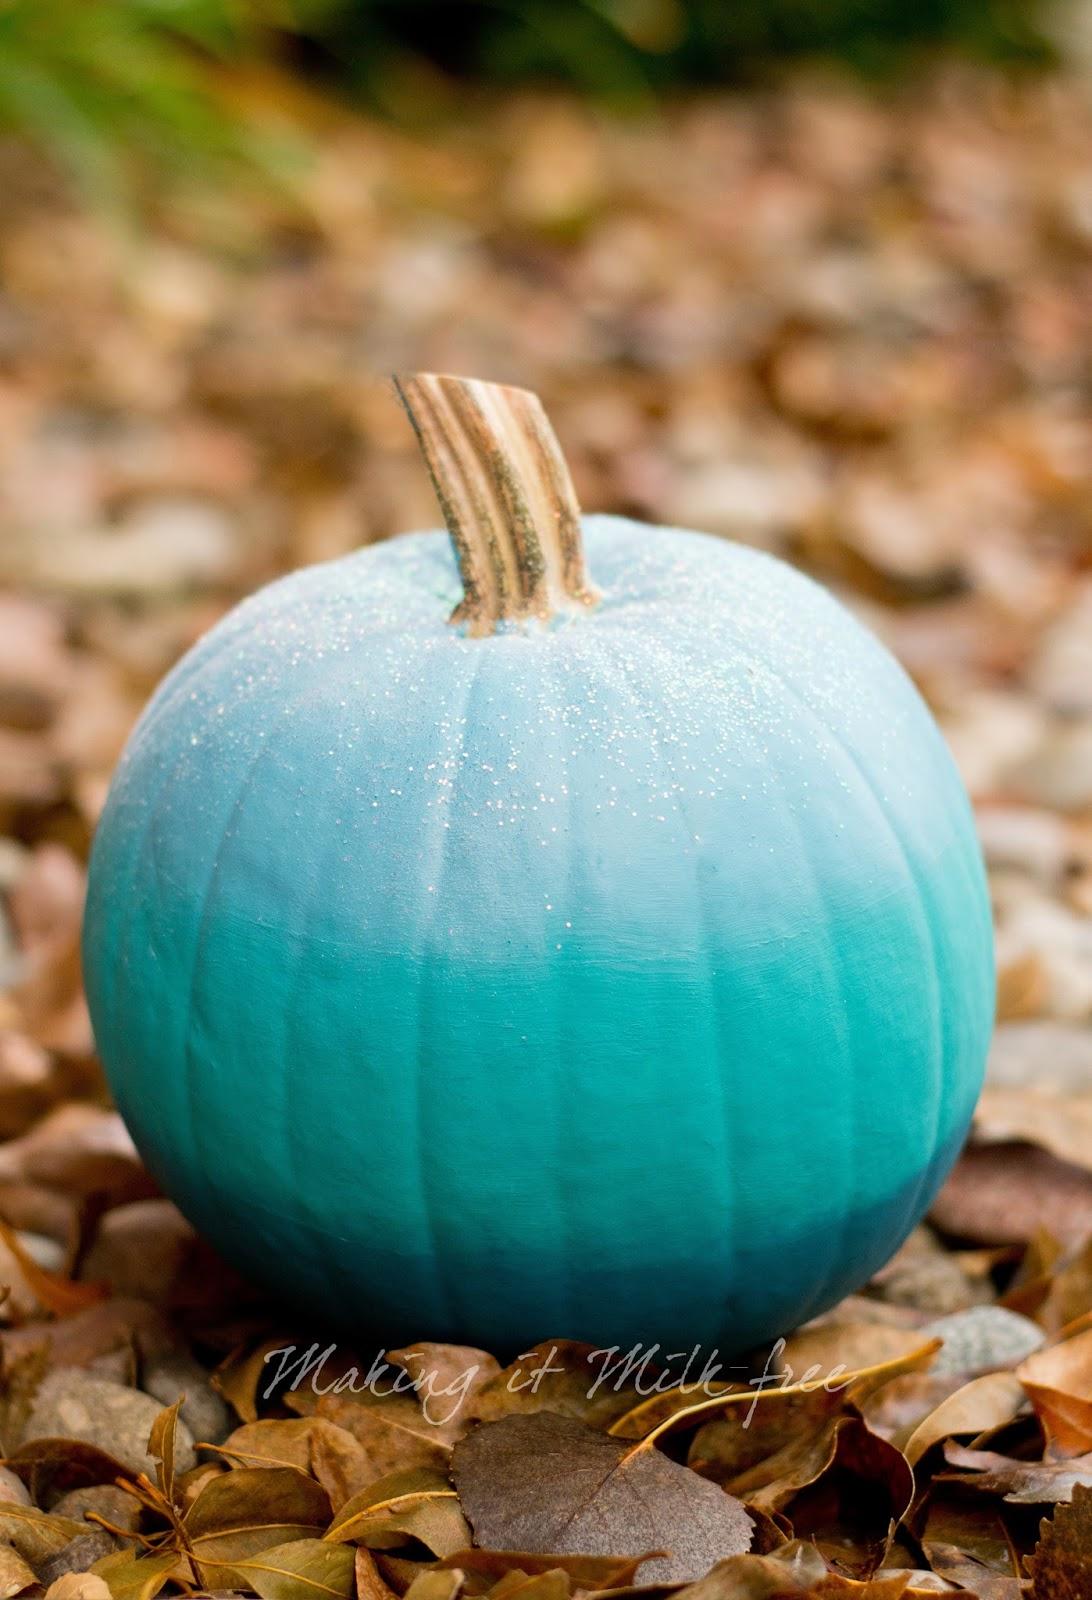 teal pumpkin makingitmilkfree.jpg